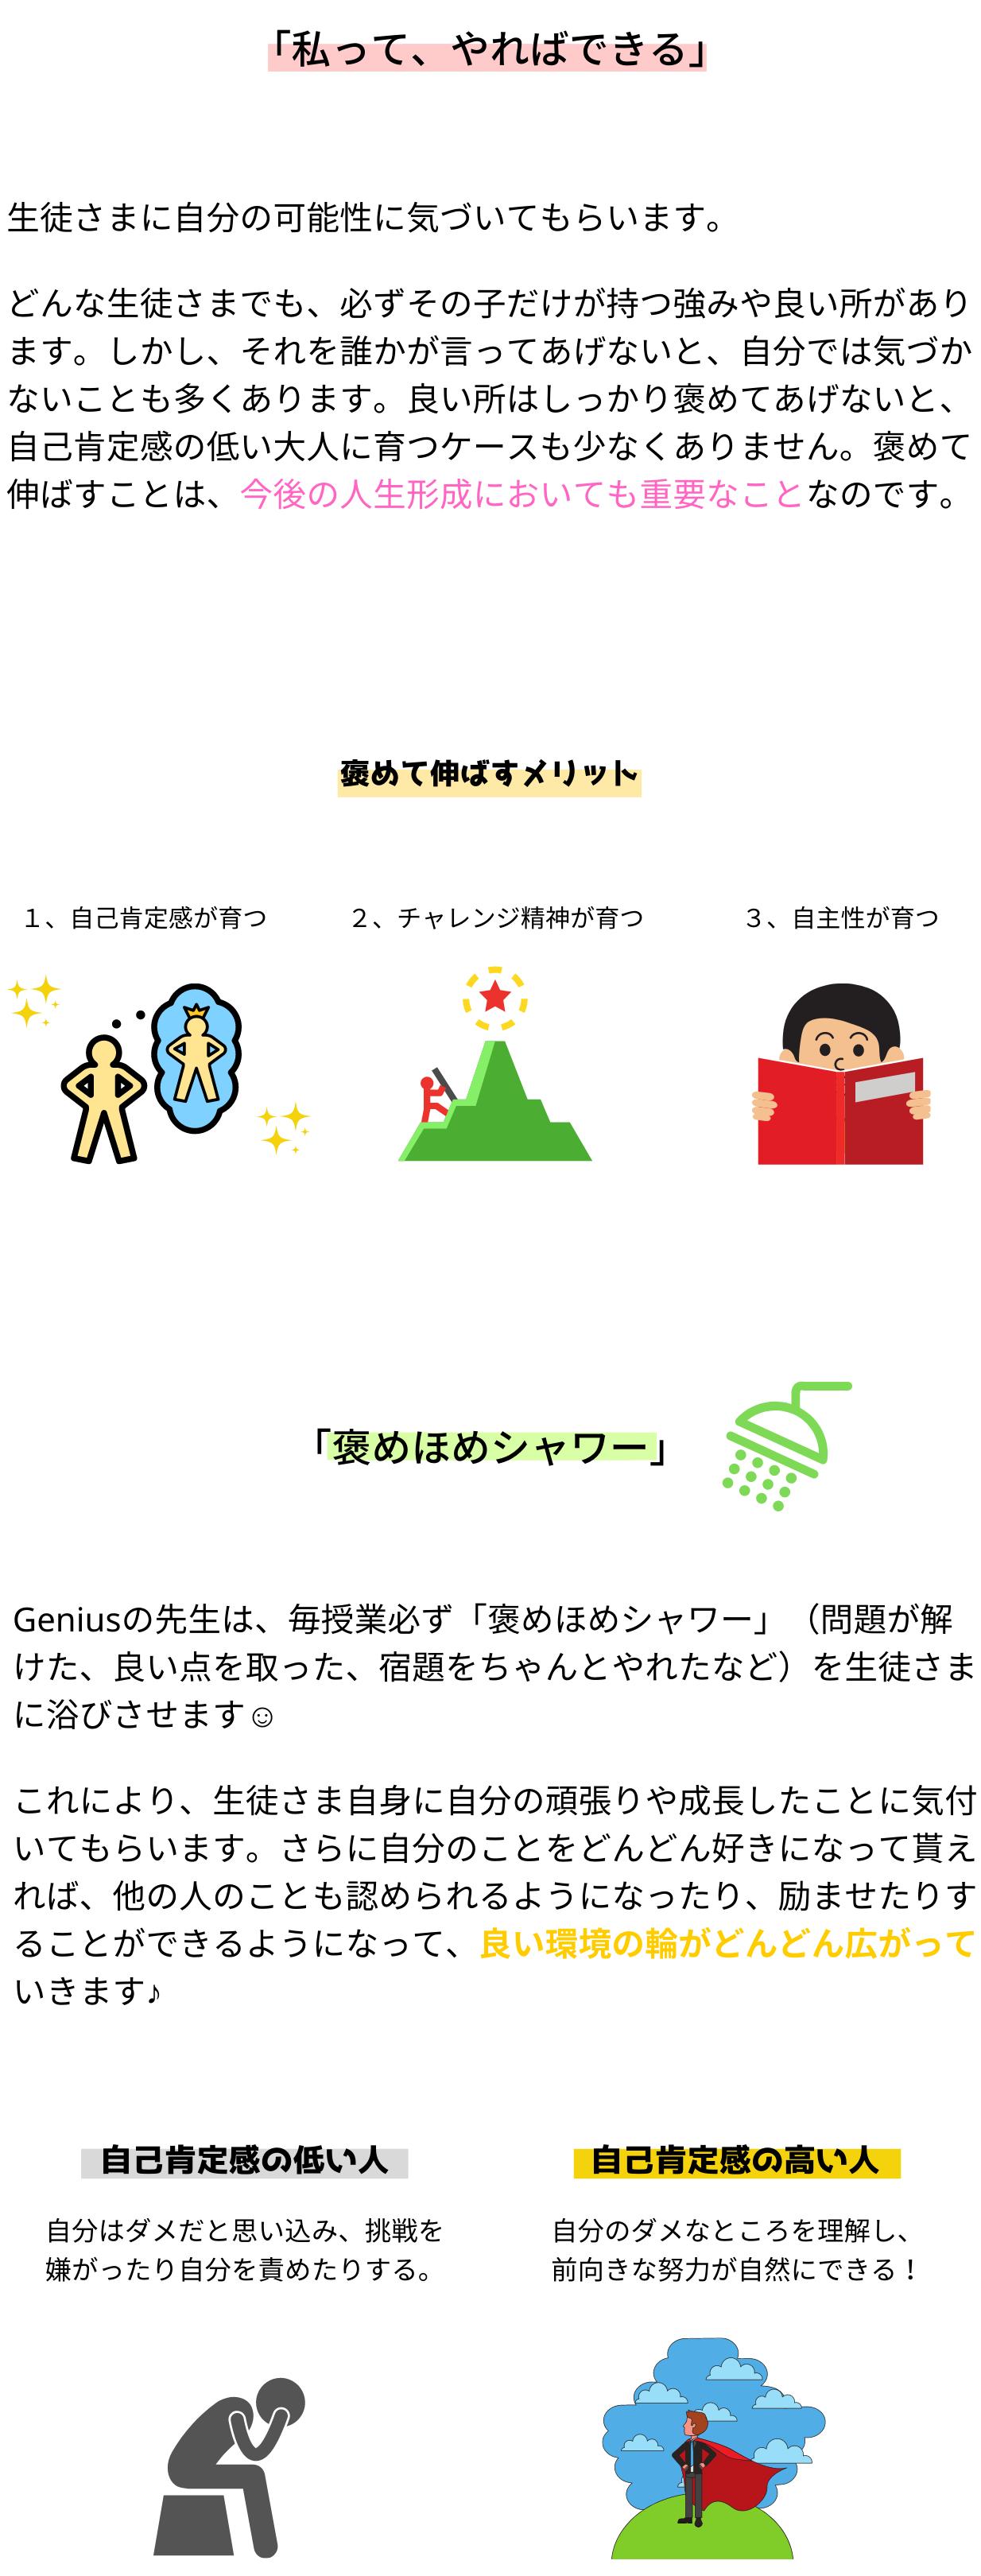 褒めほめ1